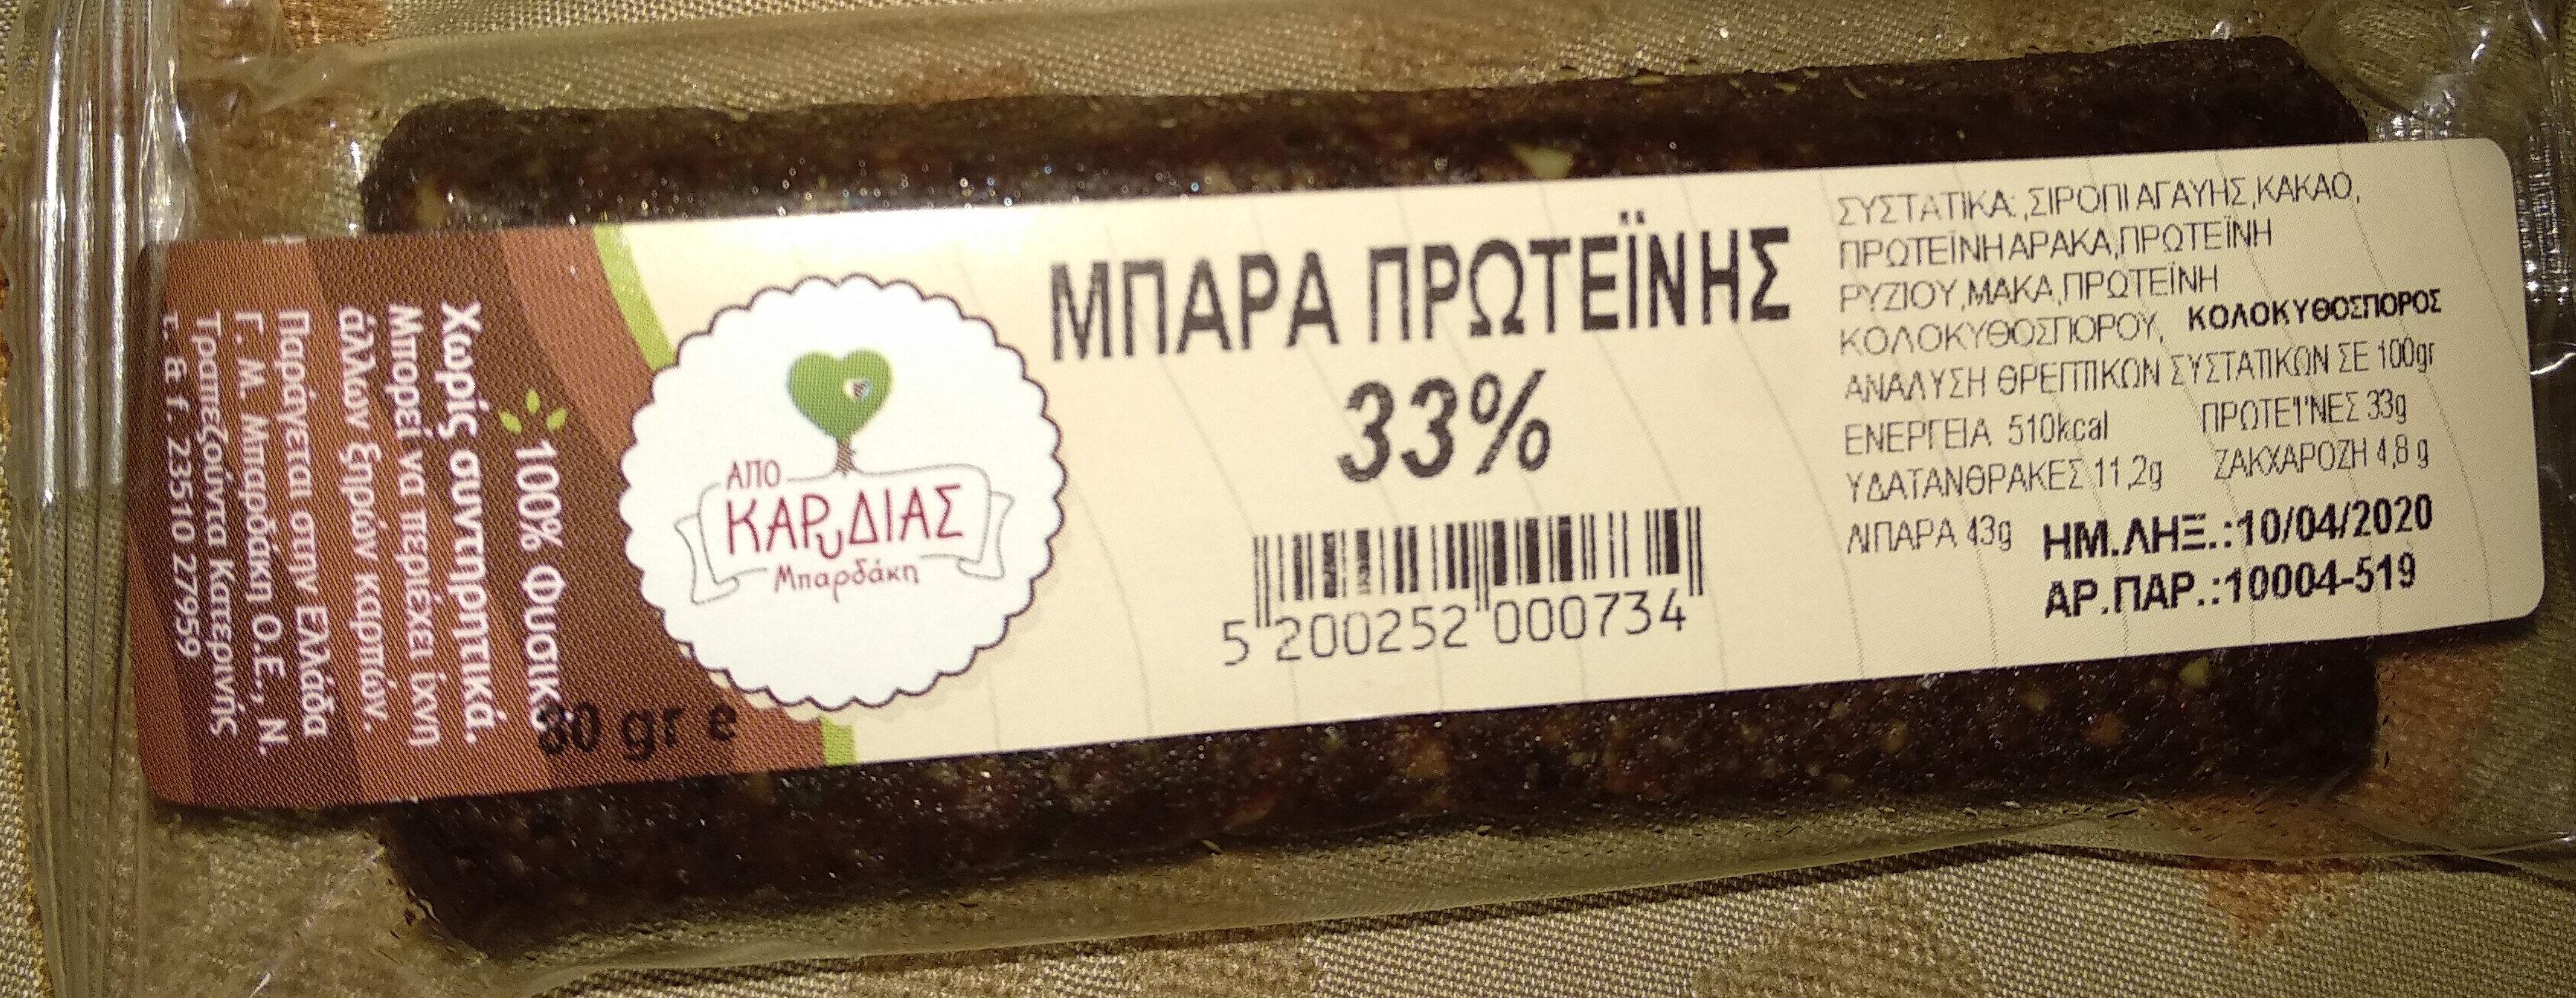 Μπάρα Πρωτεΐνης 33% - Продукт